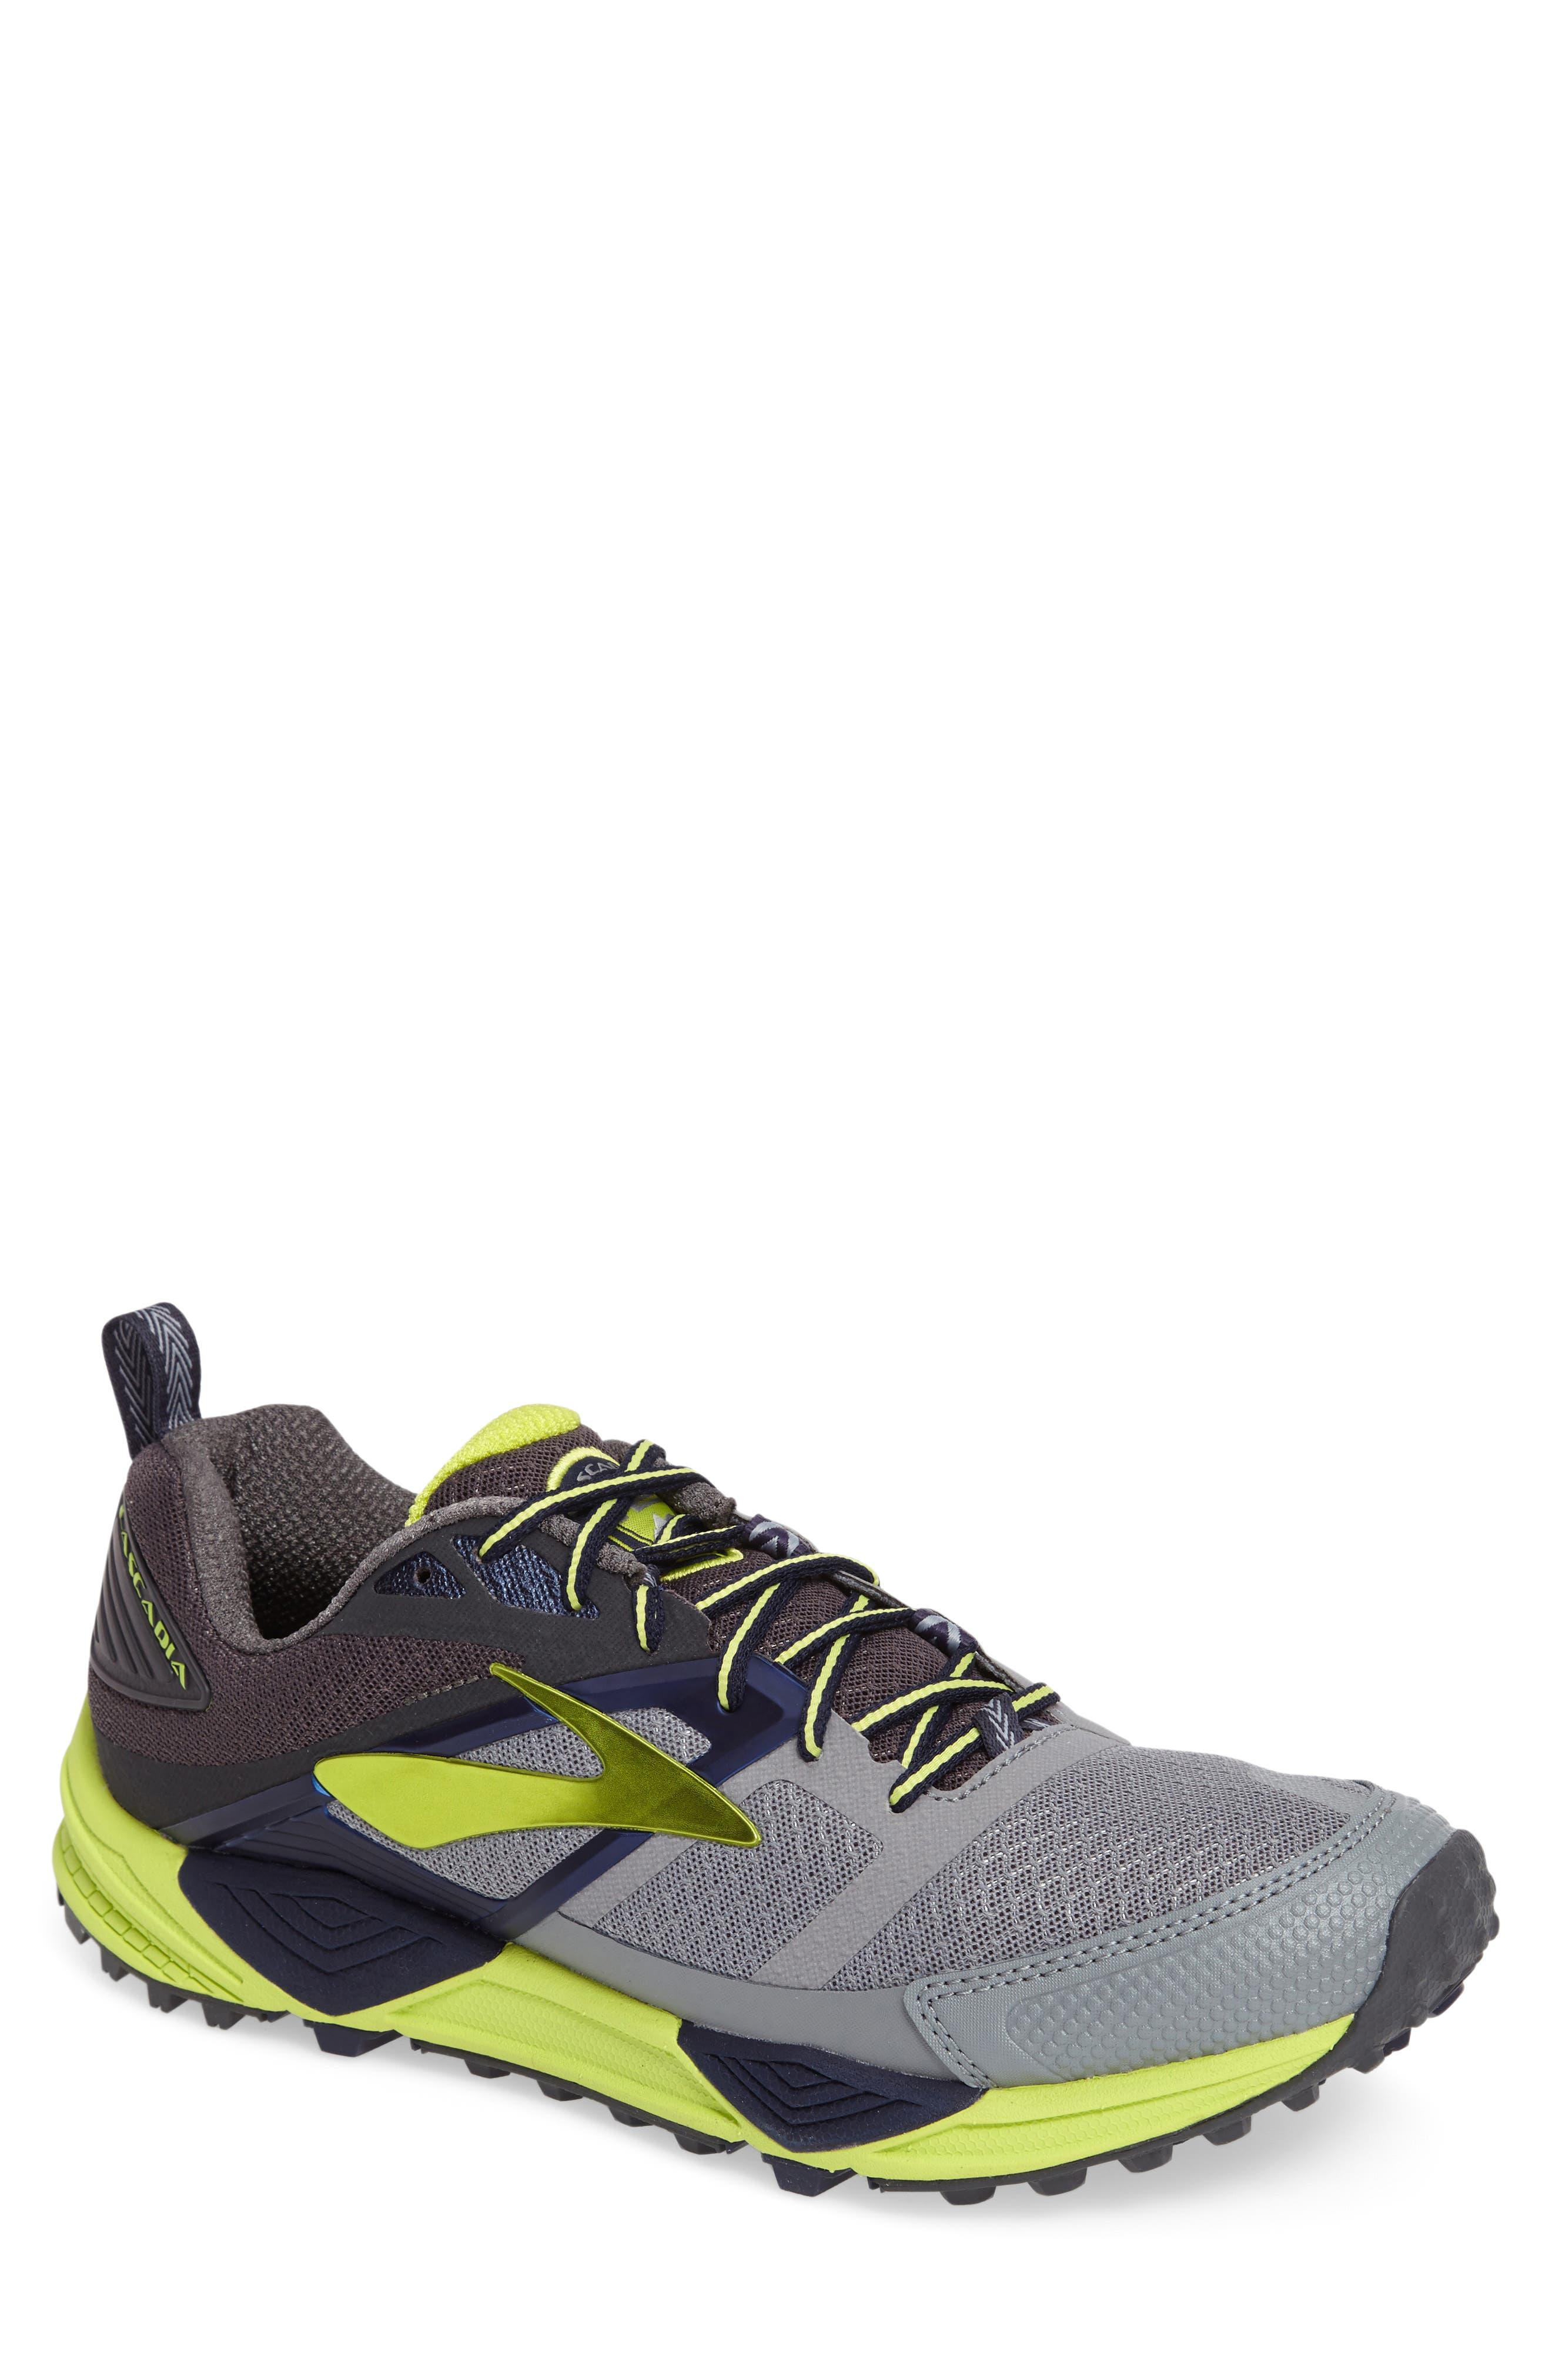 Alternate Image 1 Selected - Brooks Cascadia 12 Trail Running Shoe (Men)